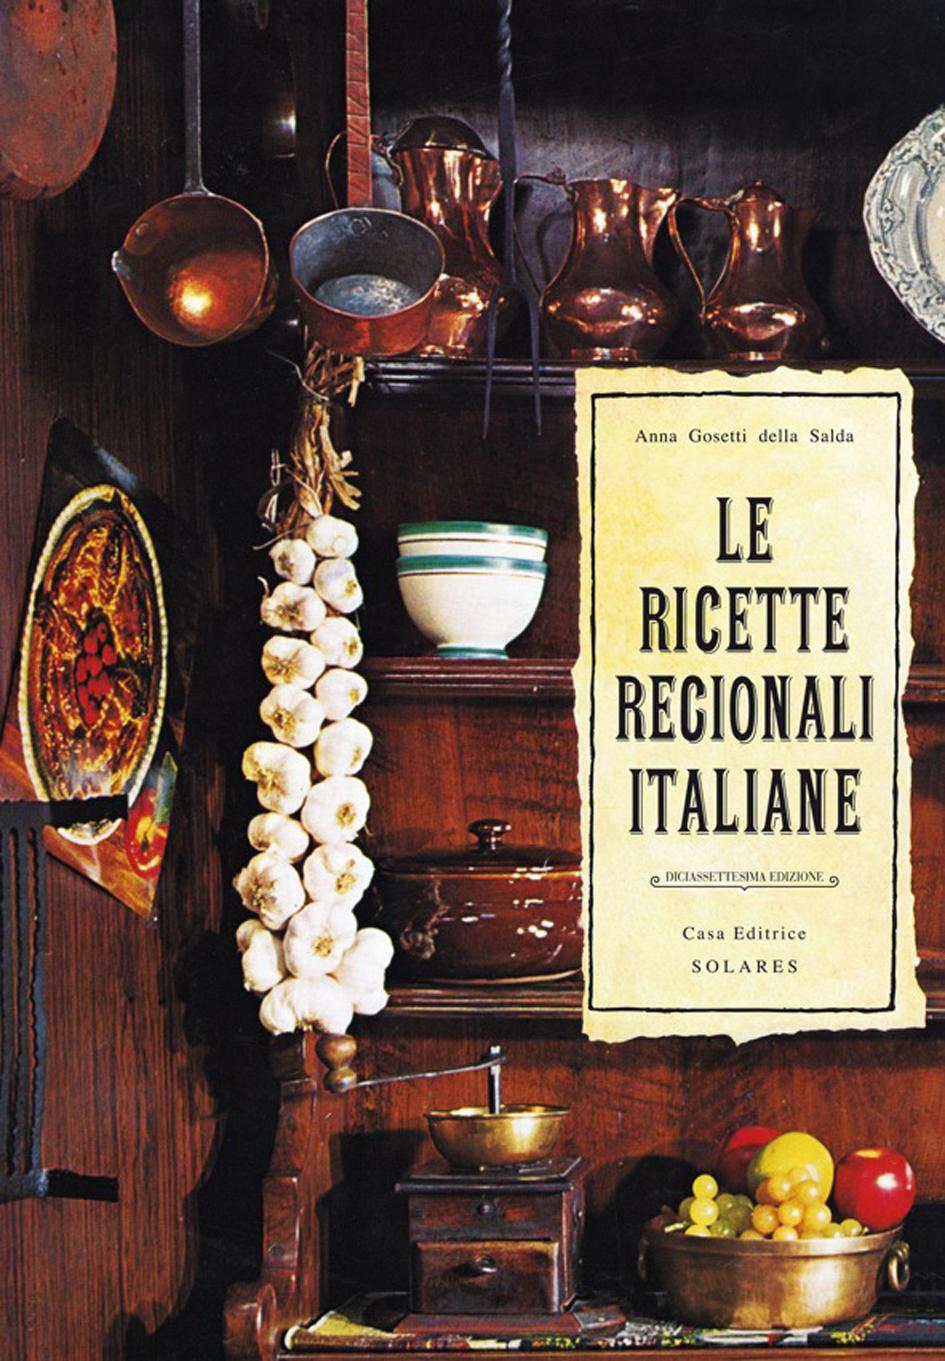 adriano salvi le ricette regionali italiane di anna